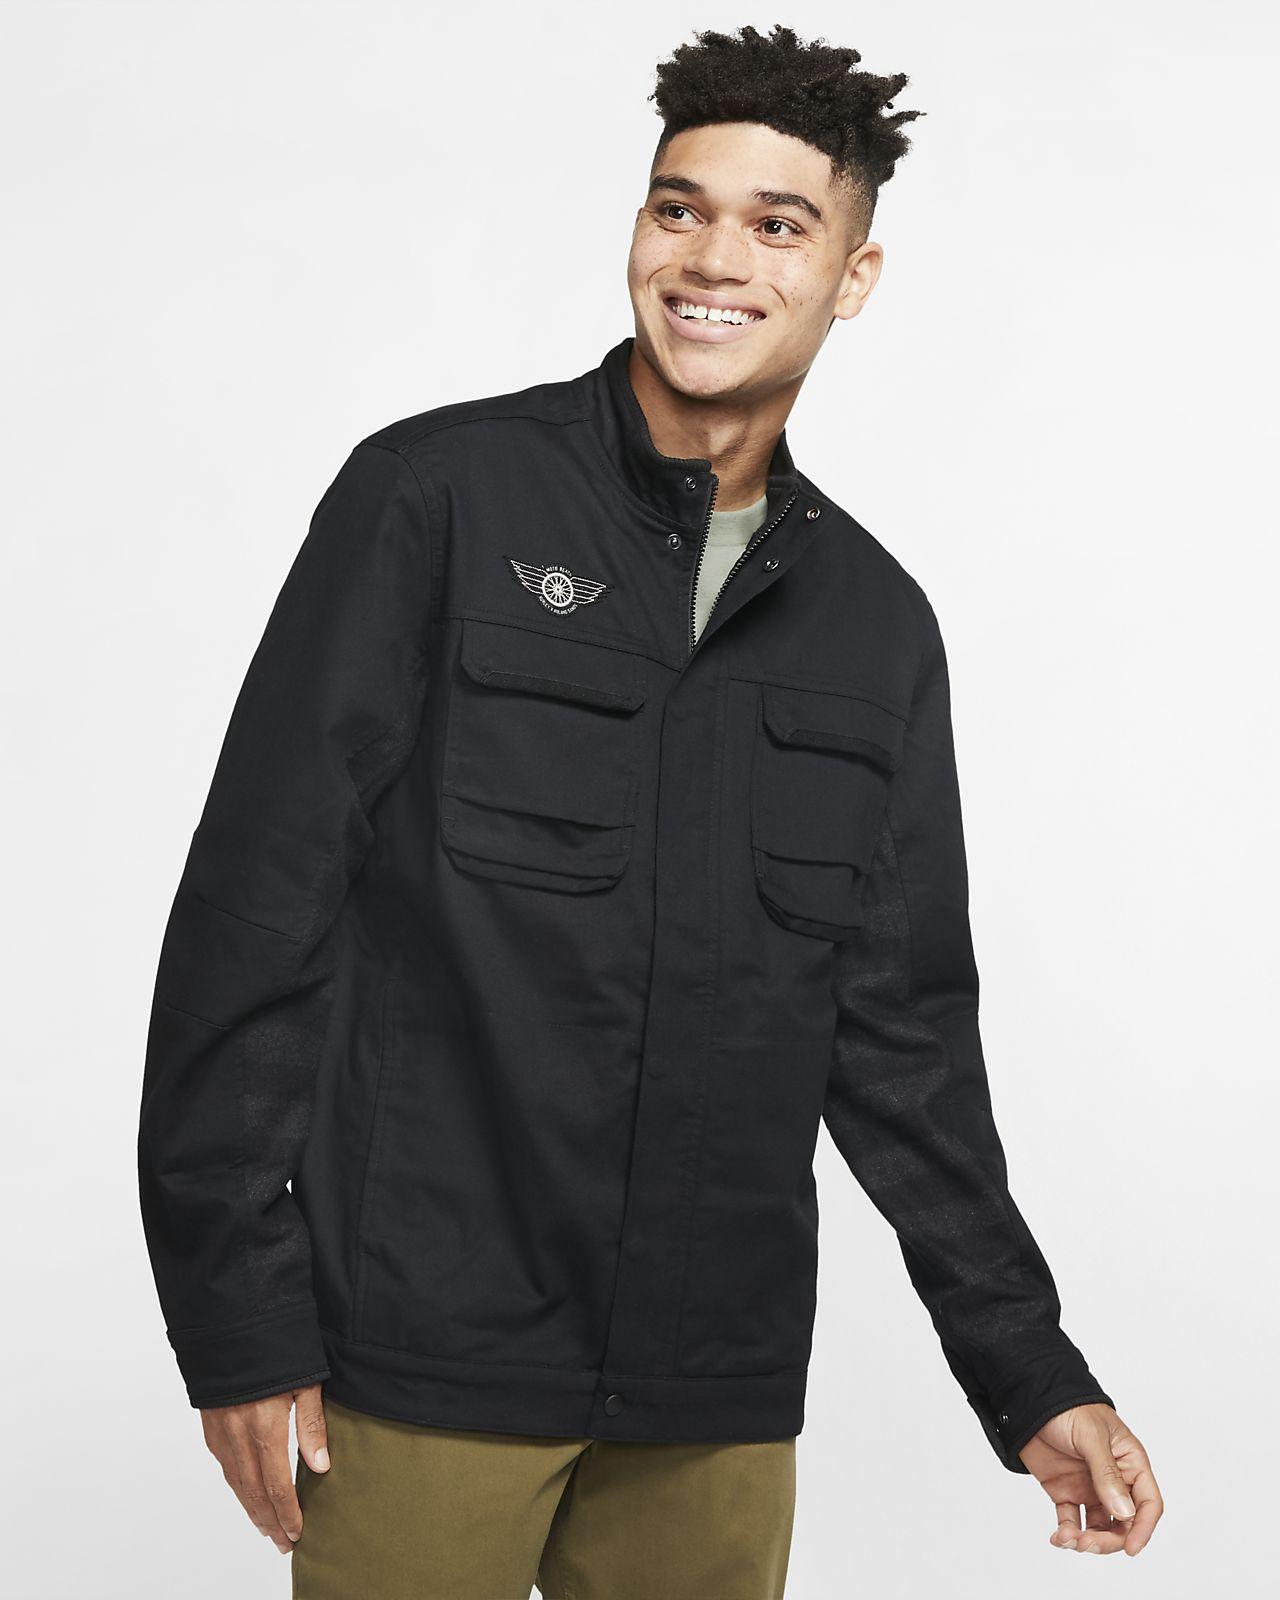 Hurley x Roland Sands Men's Jacket